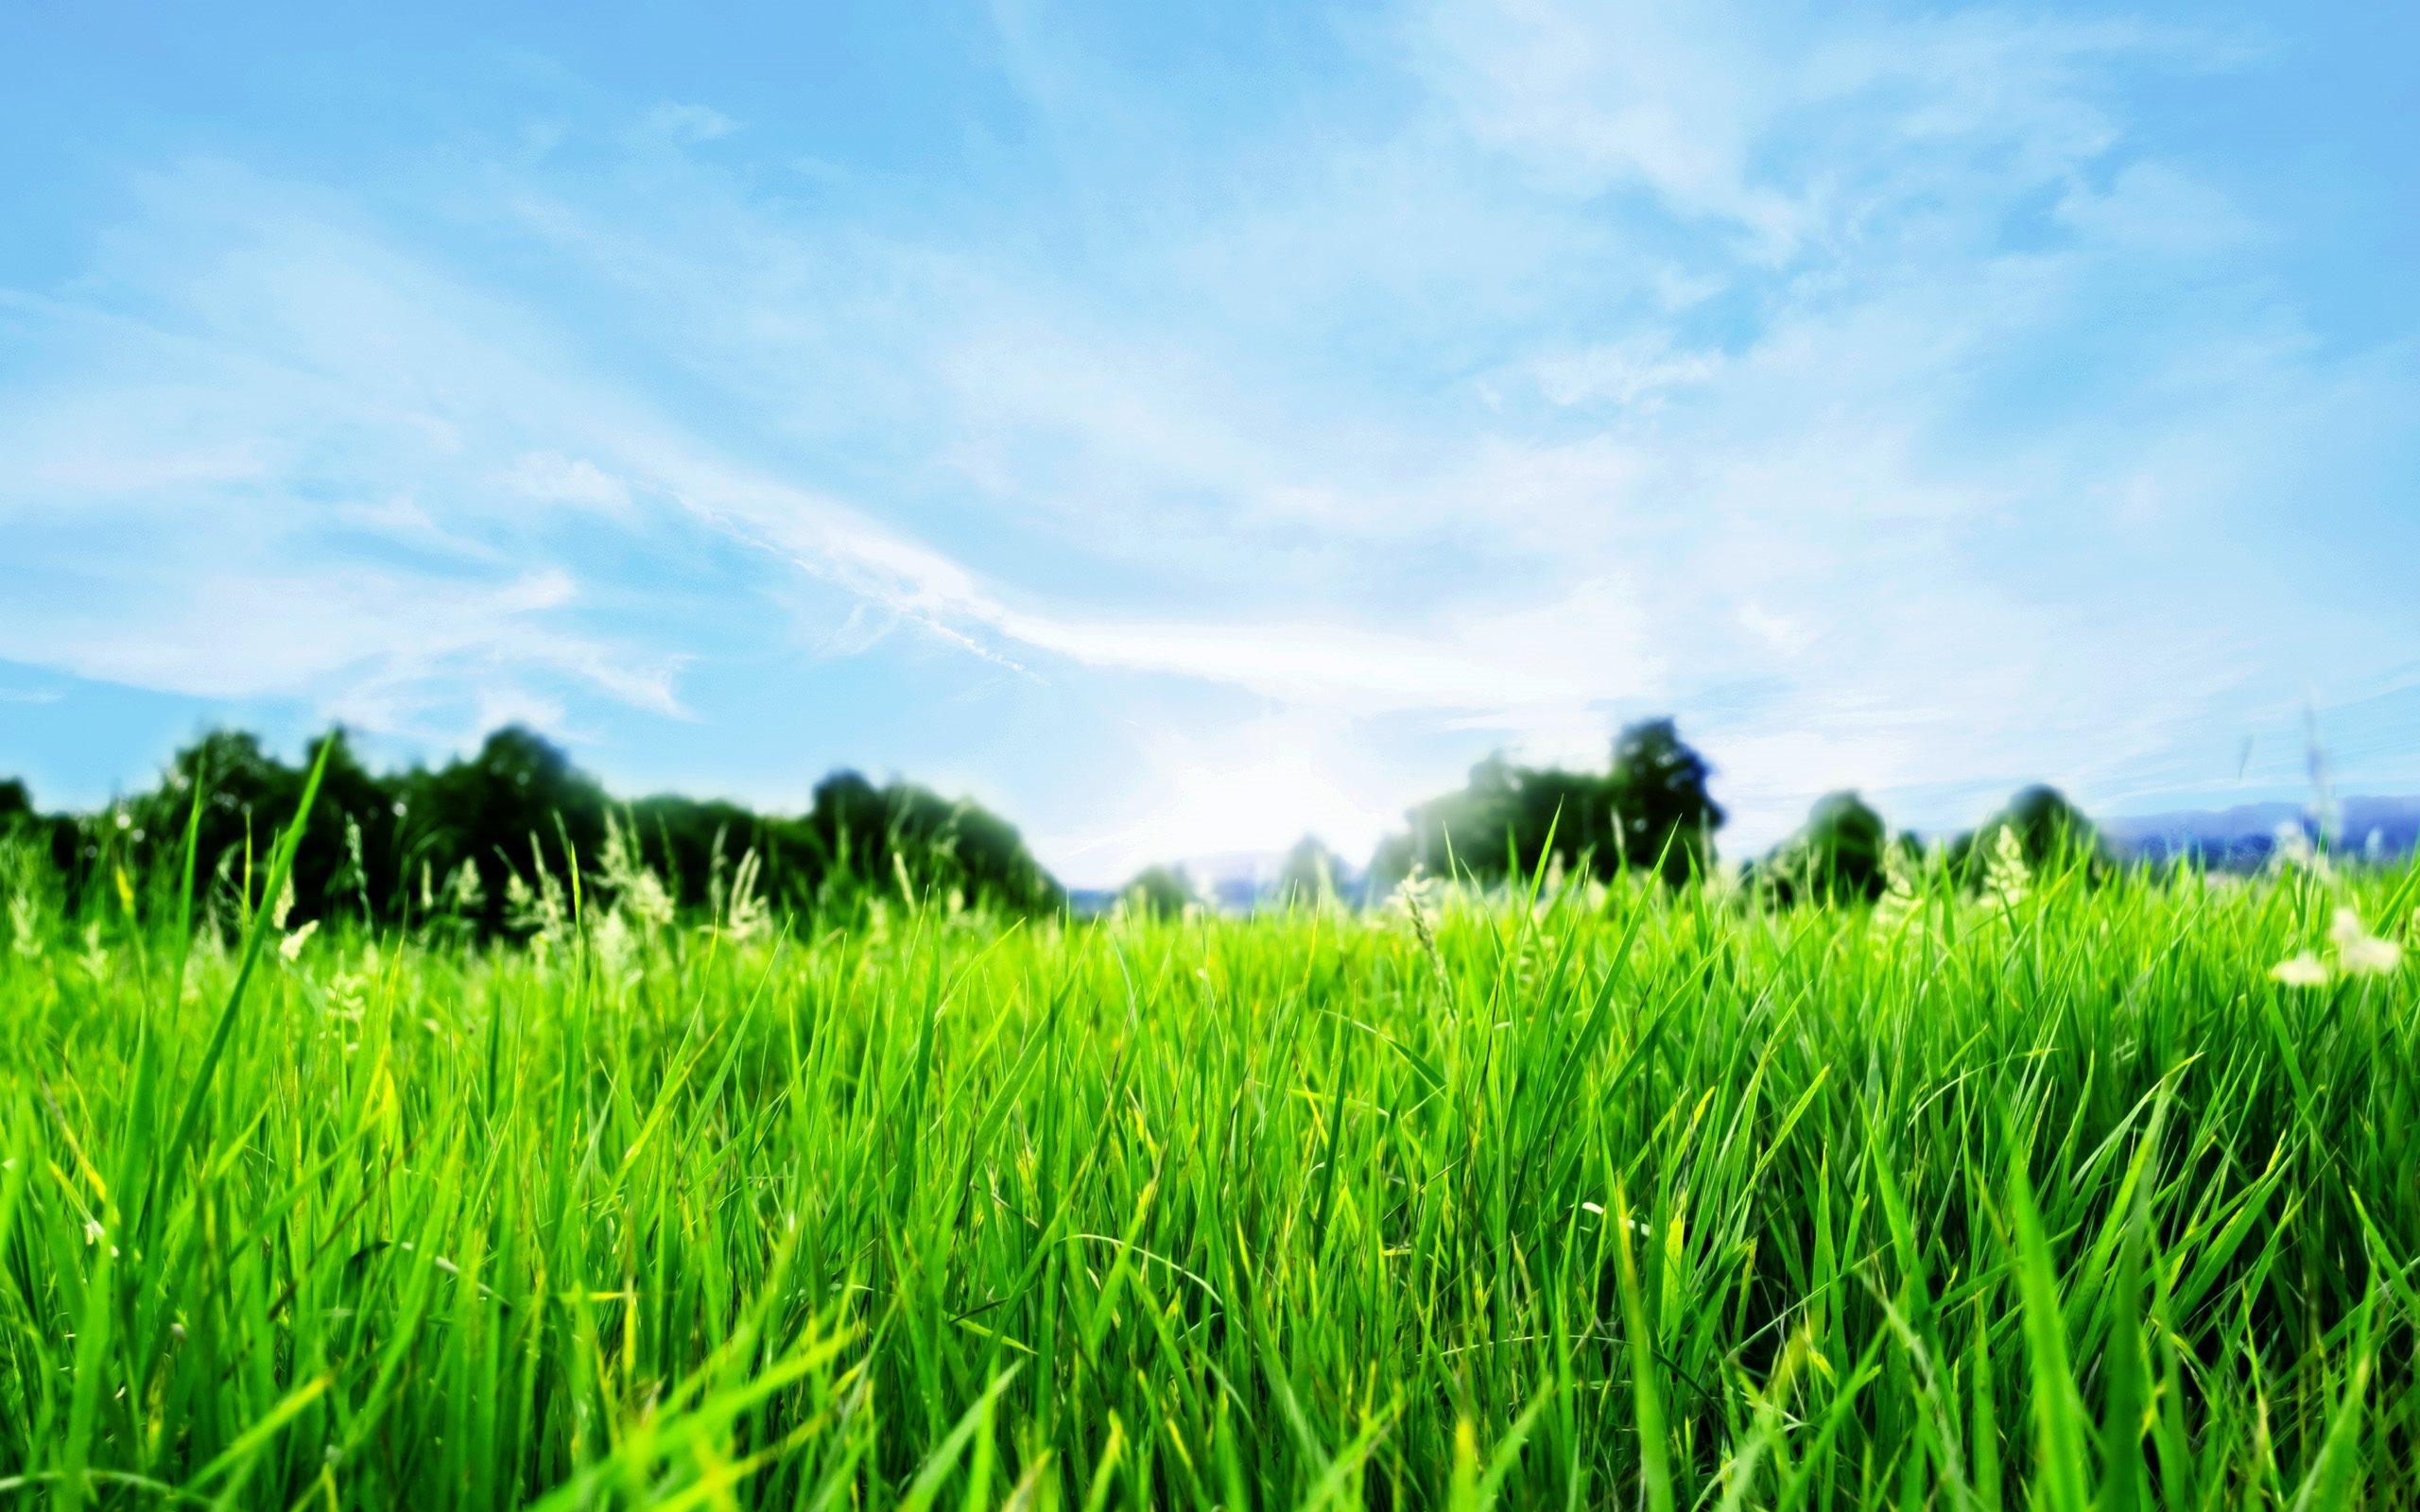 green grass hd 2560 x 1600 green grass hd 2560 x 1600